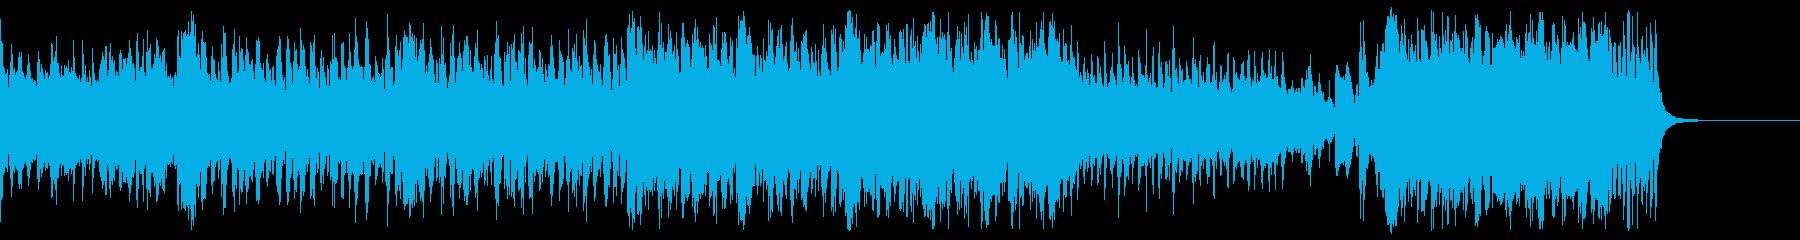 強敵現る!をイメージしたBGMその2の再生済みの波形